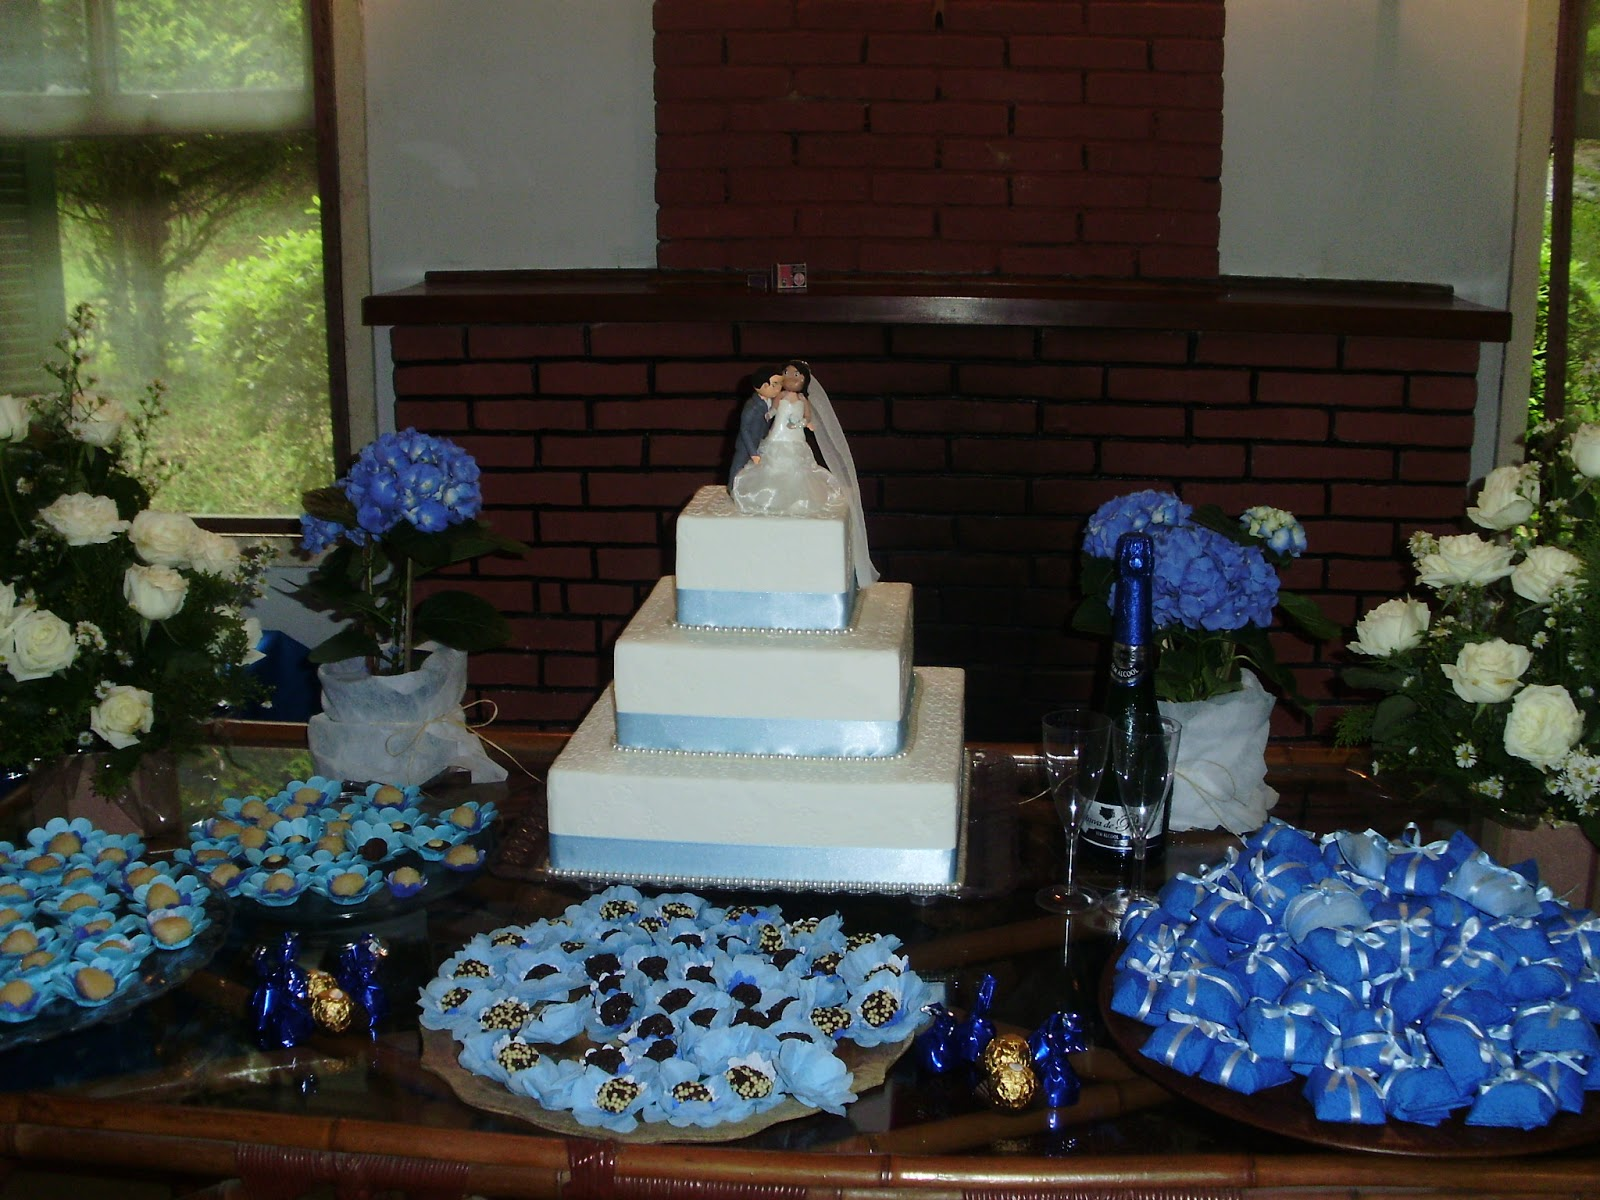 Day Artes Criativa Decoração de mesa para casamento